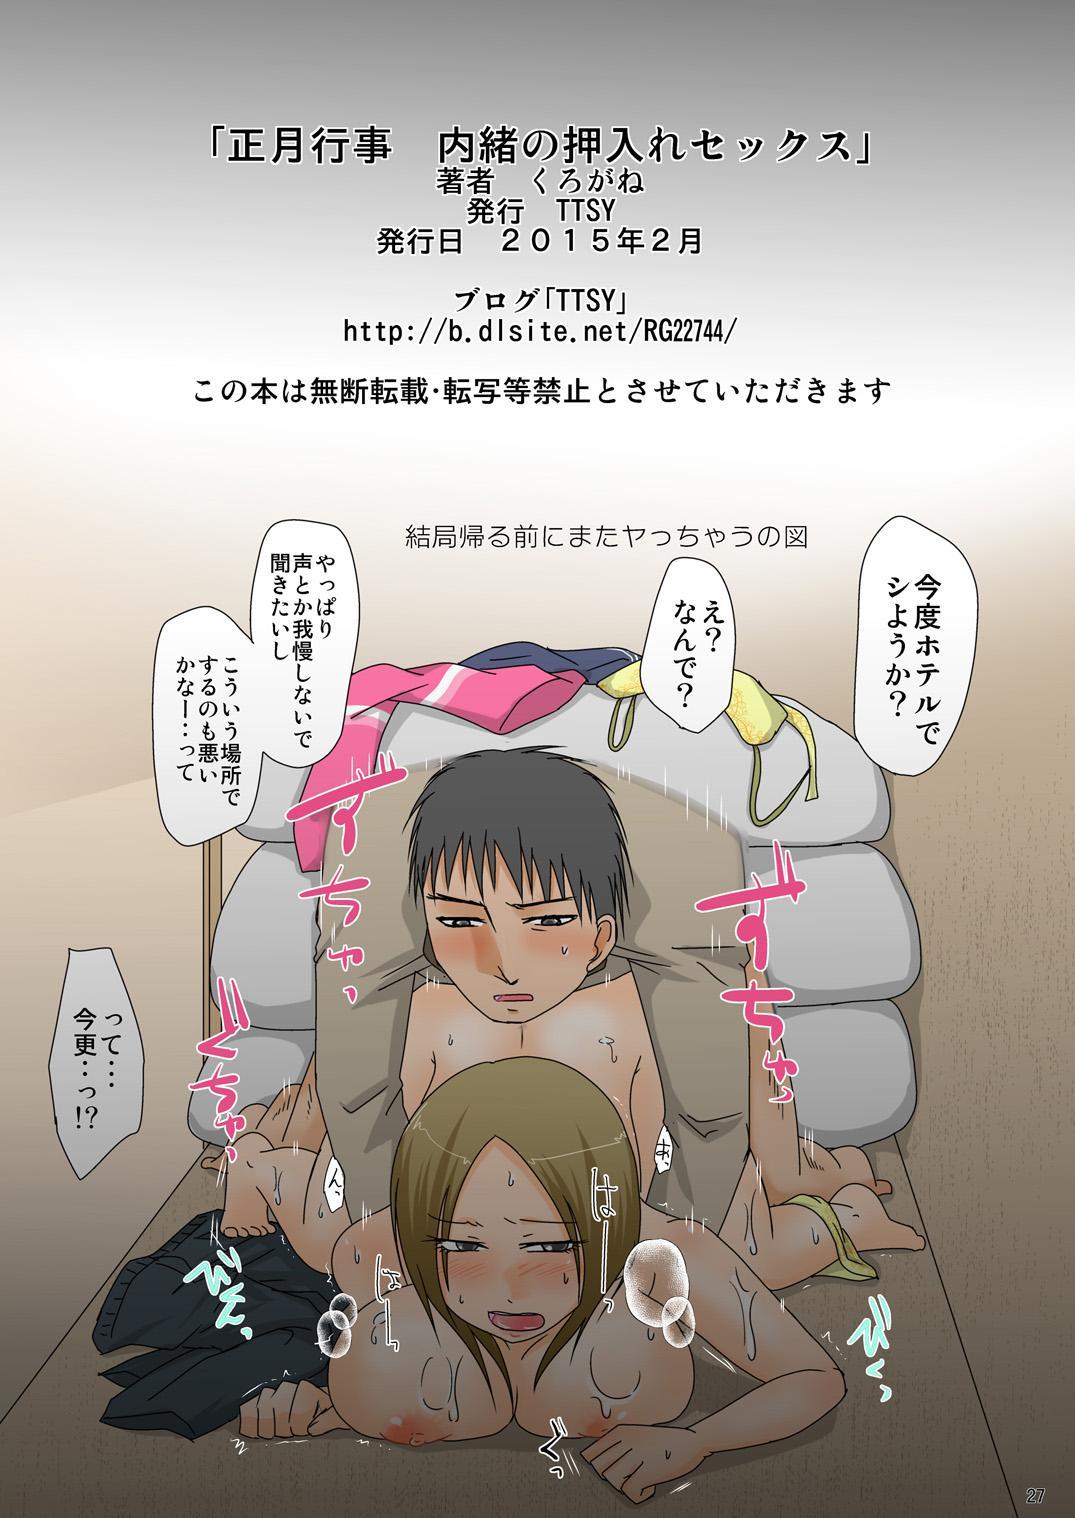 Shougatsu Gyouji Naisho no Oshiire Sex 27